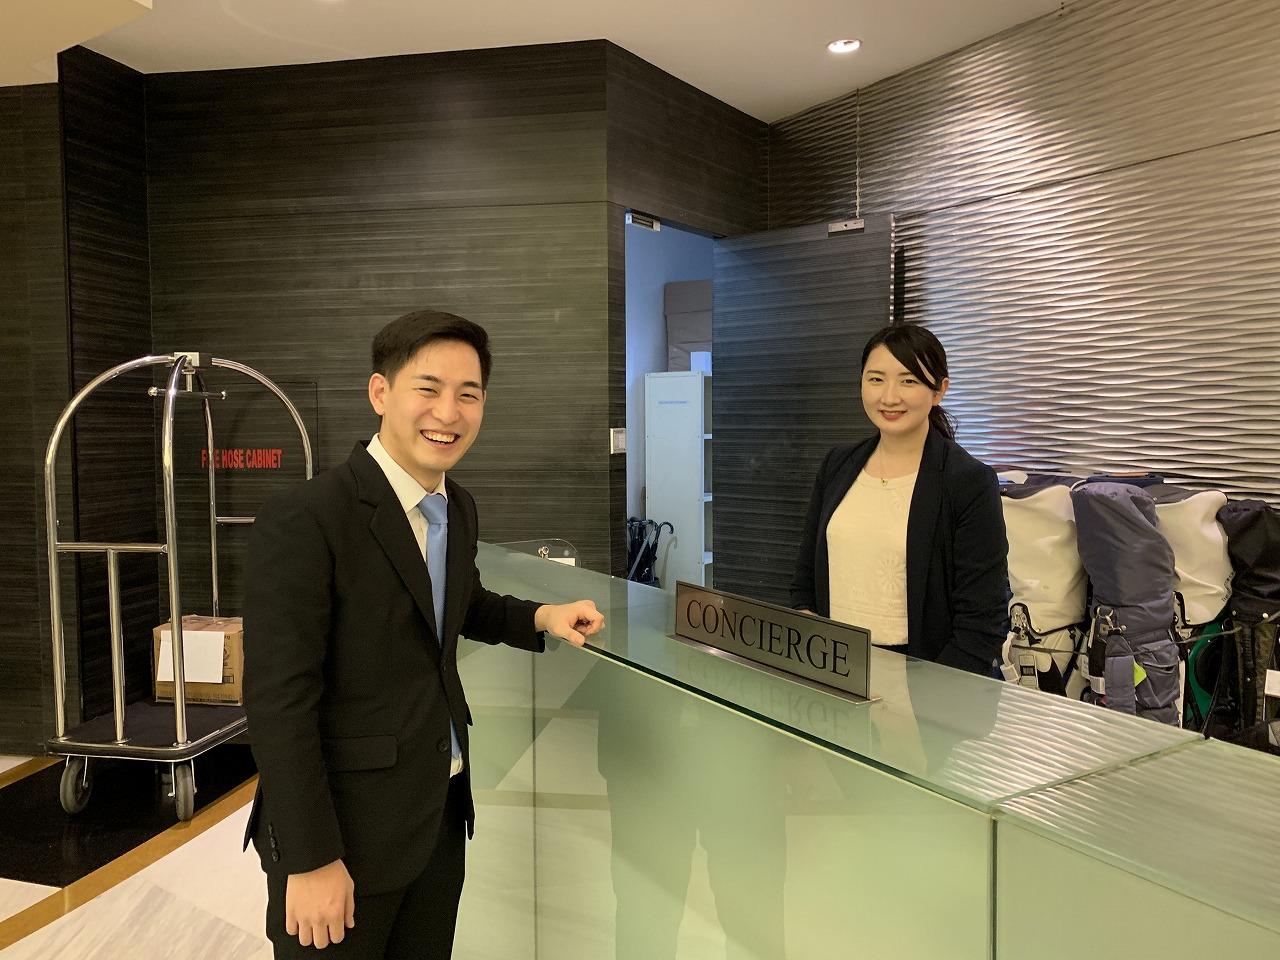 ベルビューホテルで勤務している卒業生の安澤さん(左)と岸井さん(右)